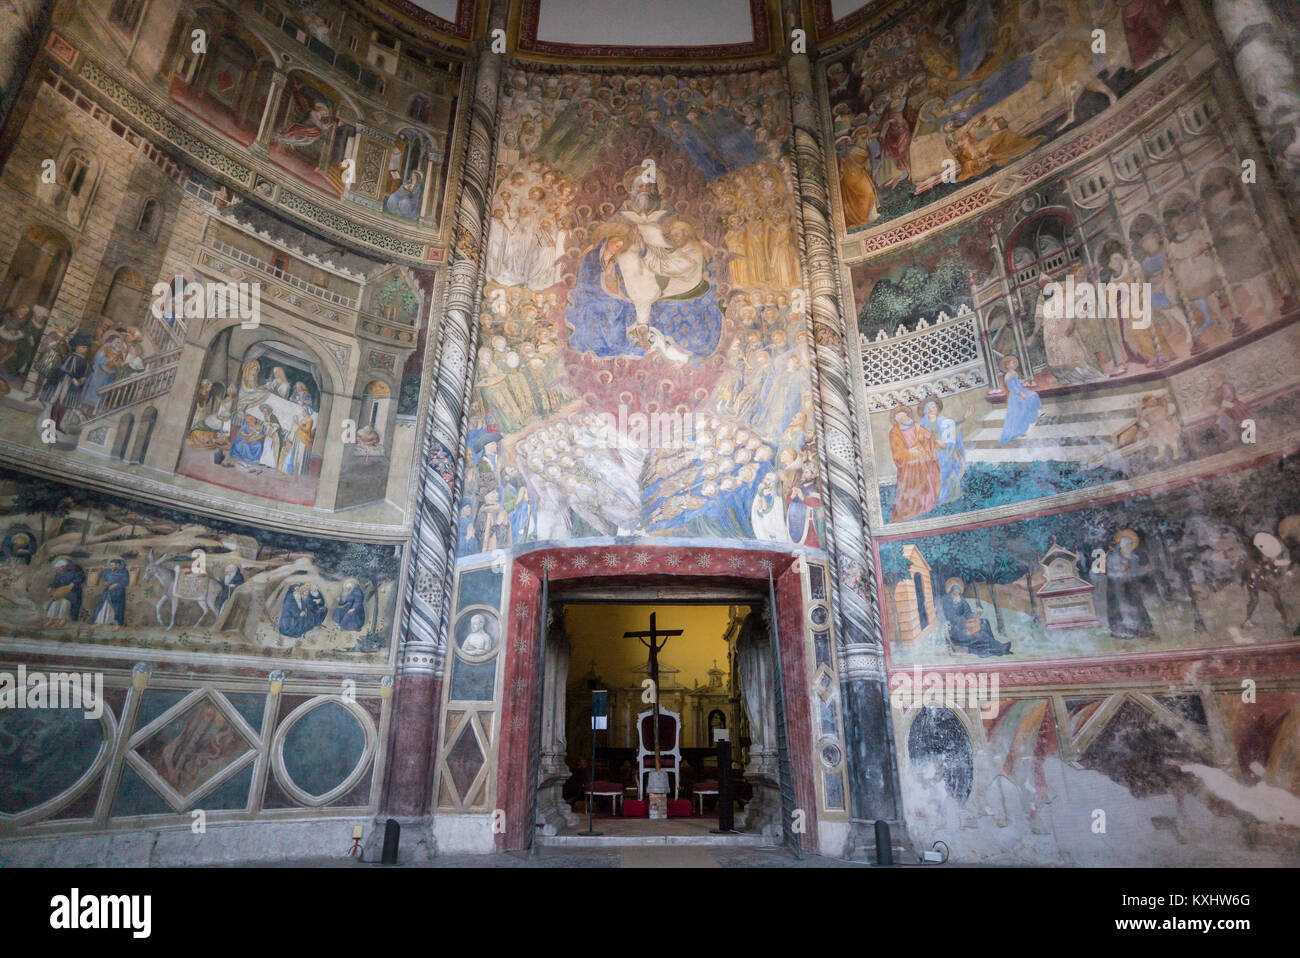 Napoli. L'Italia. La quattrocentesca chiesa di San Giovanni a Carbonara. Caracciolo del Sole Cappella (Cappella Immagini Stock